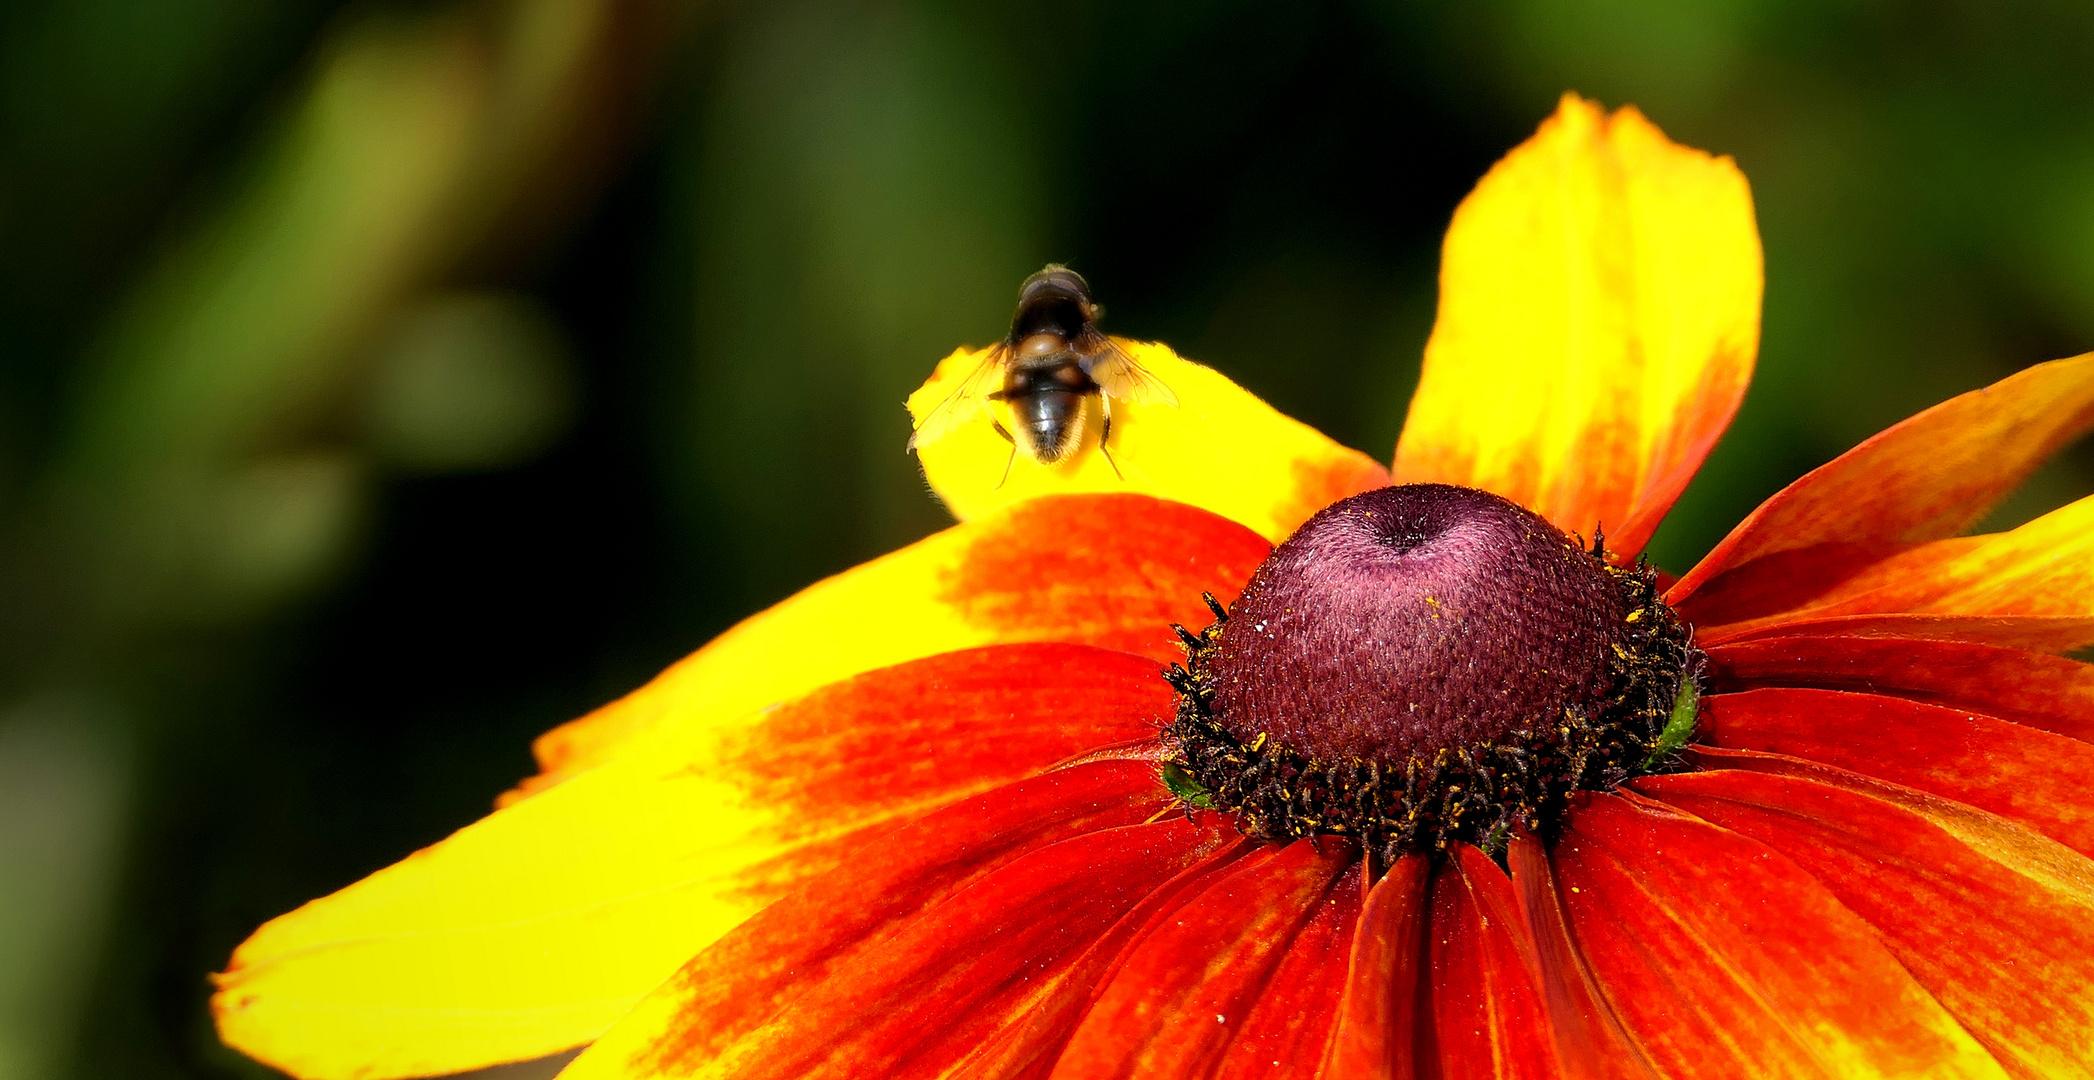 ... bright flower in the garden